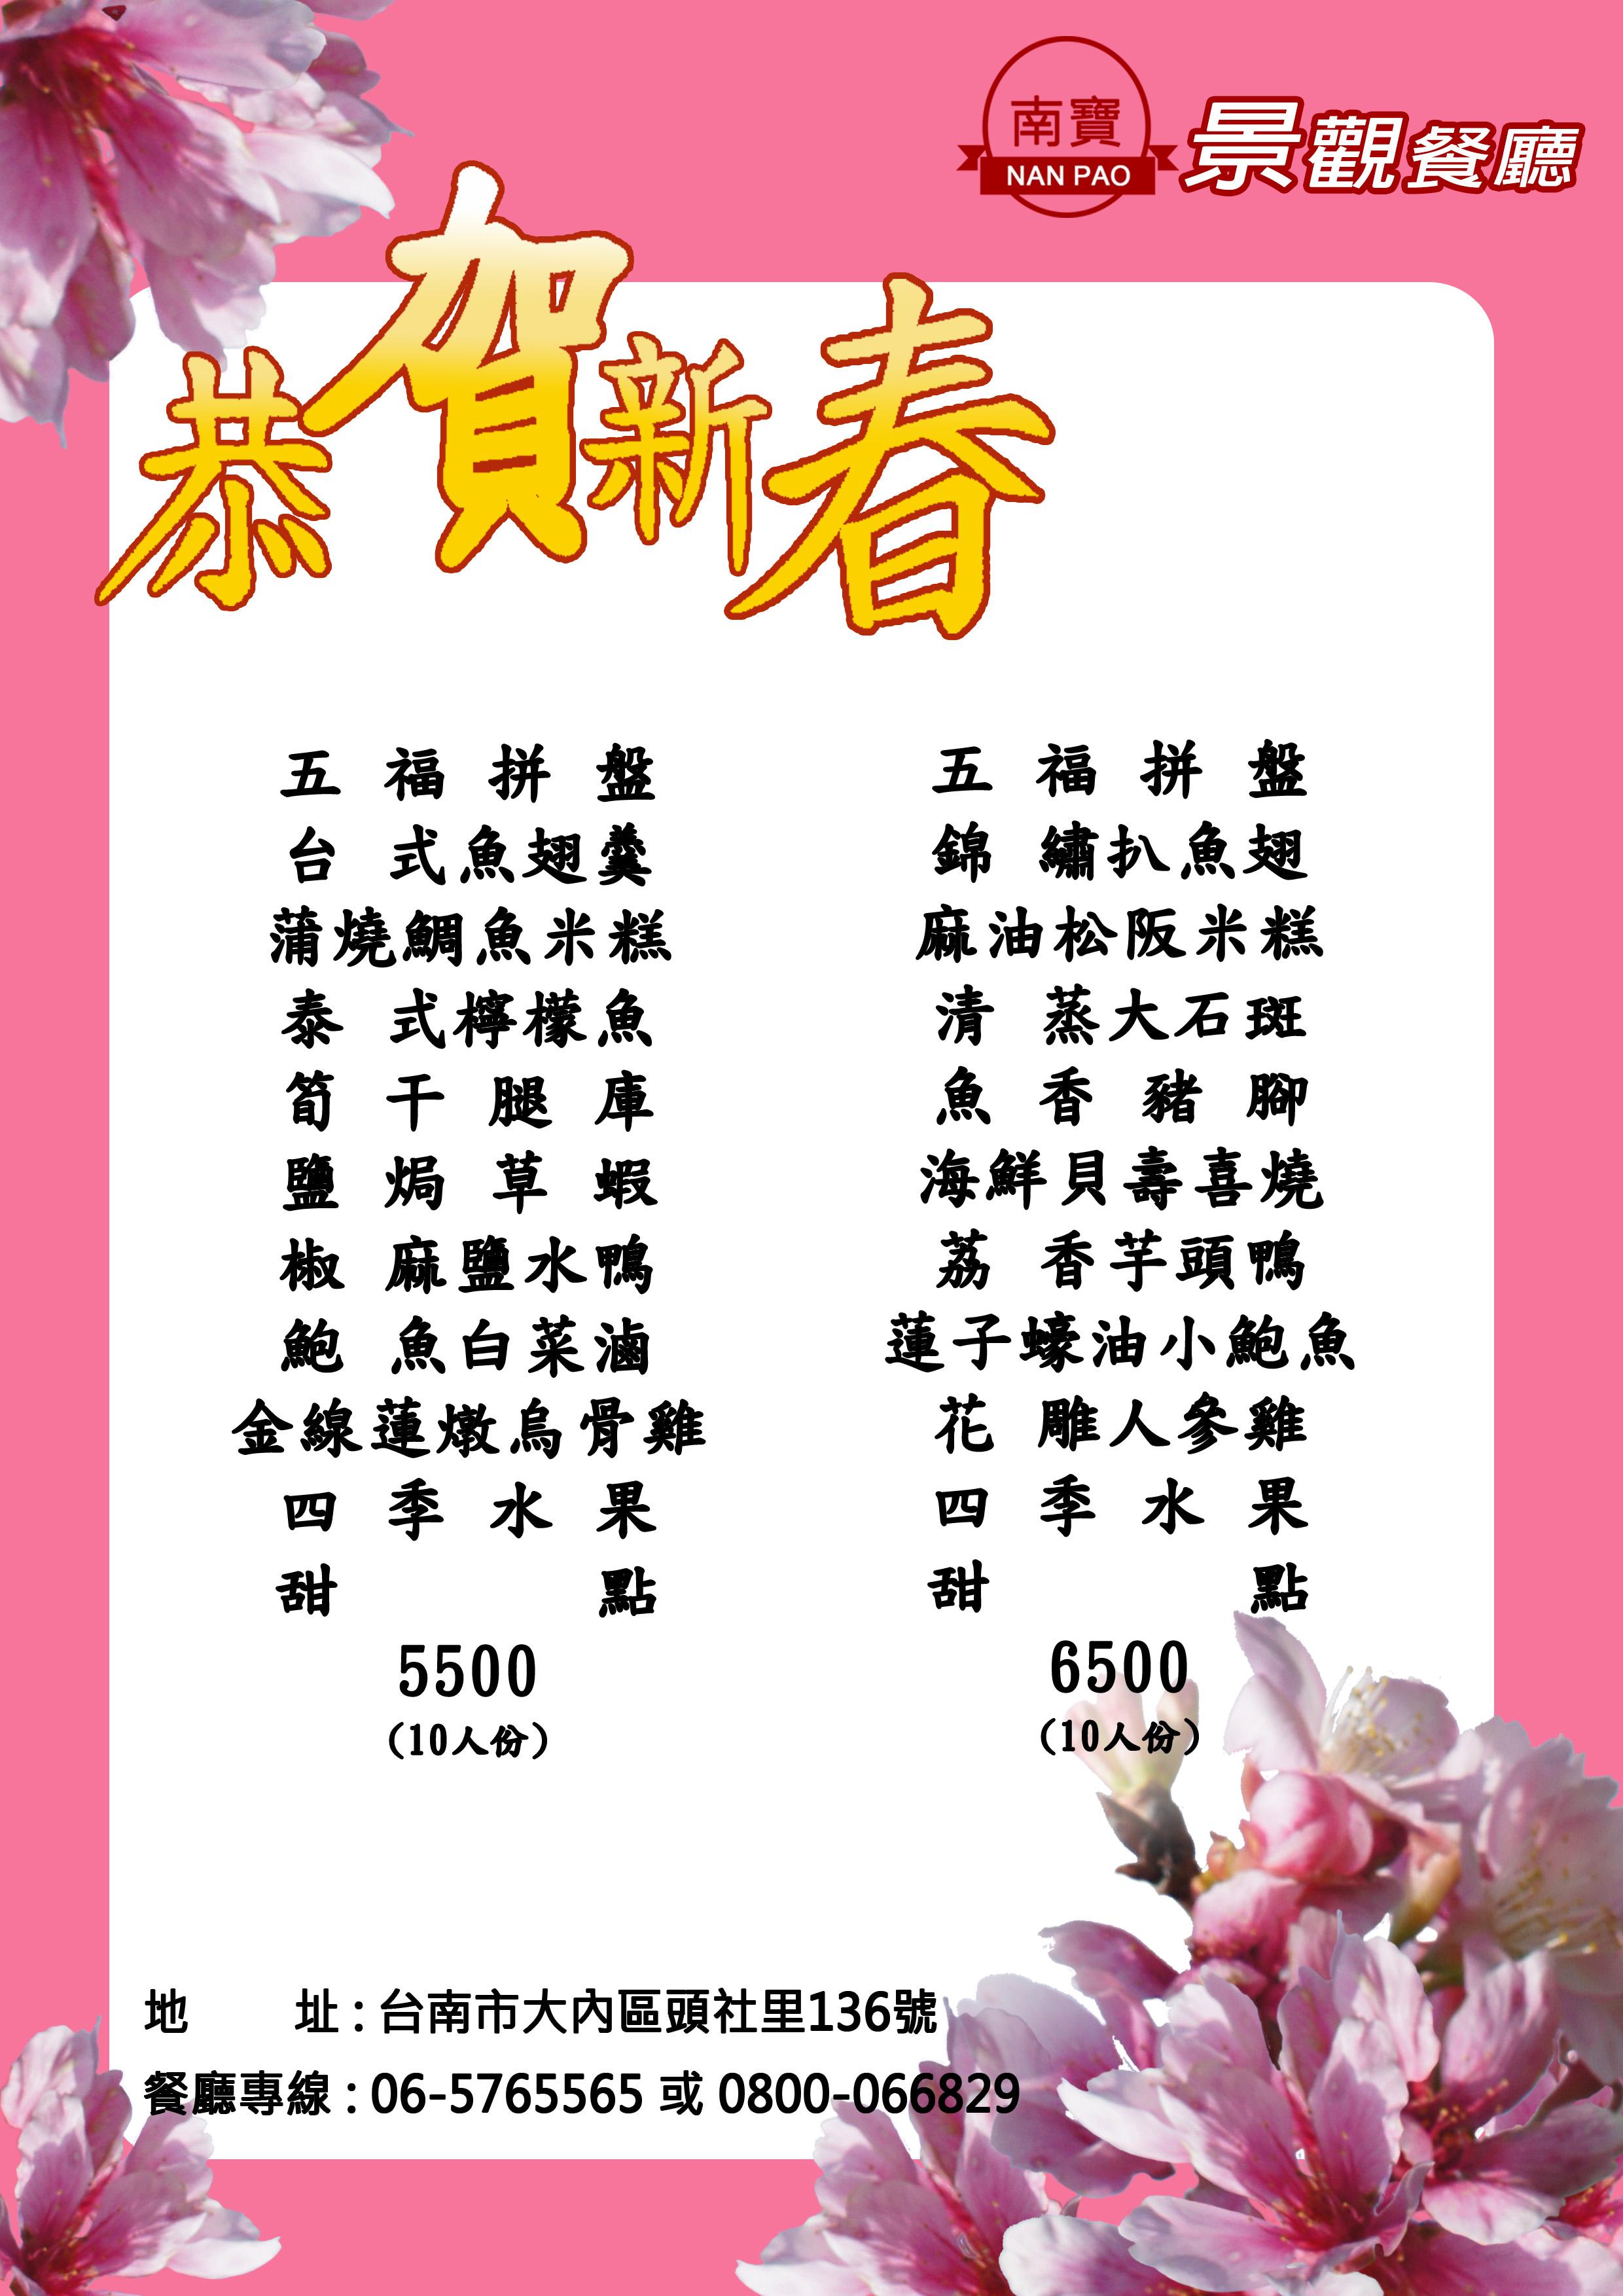 108春節合菜DM (2).jpg